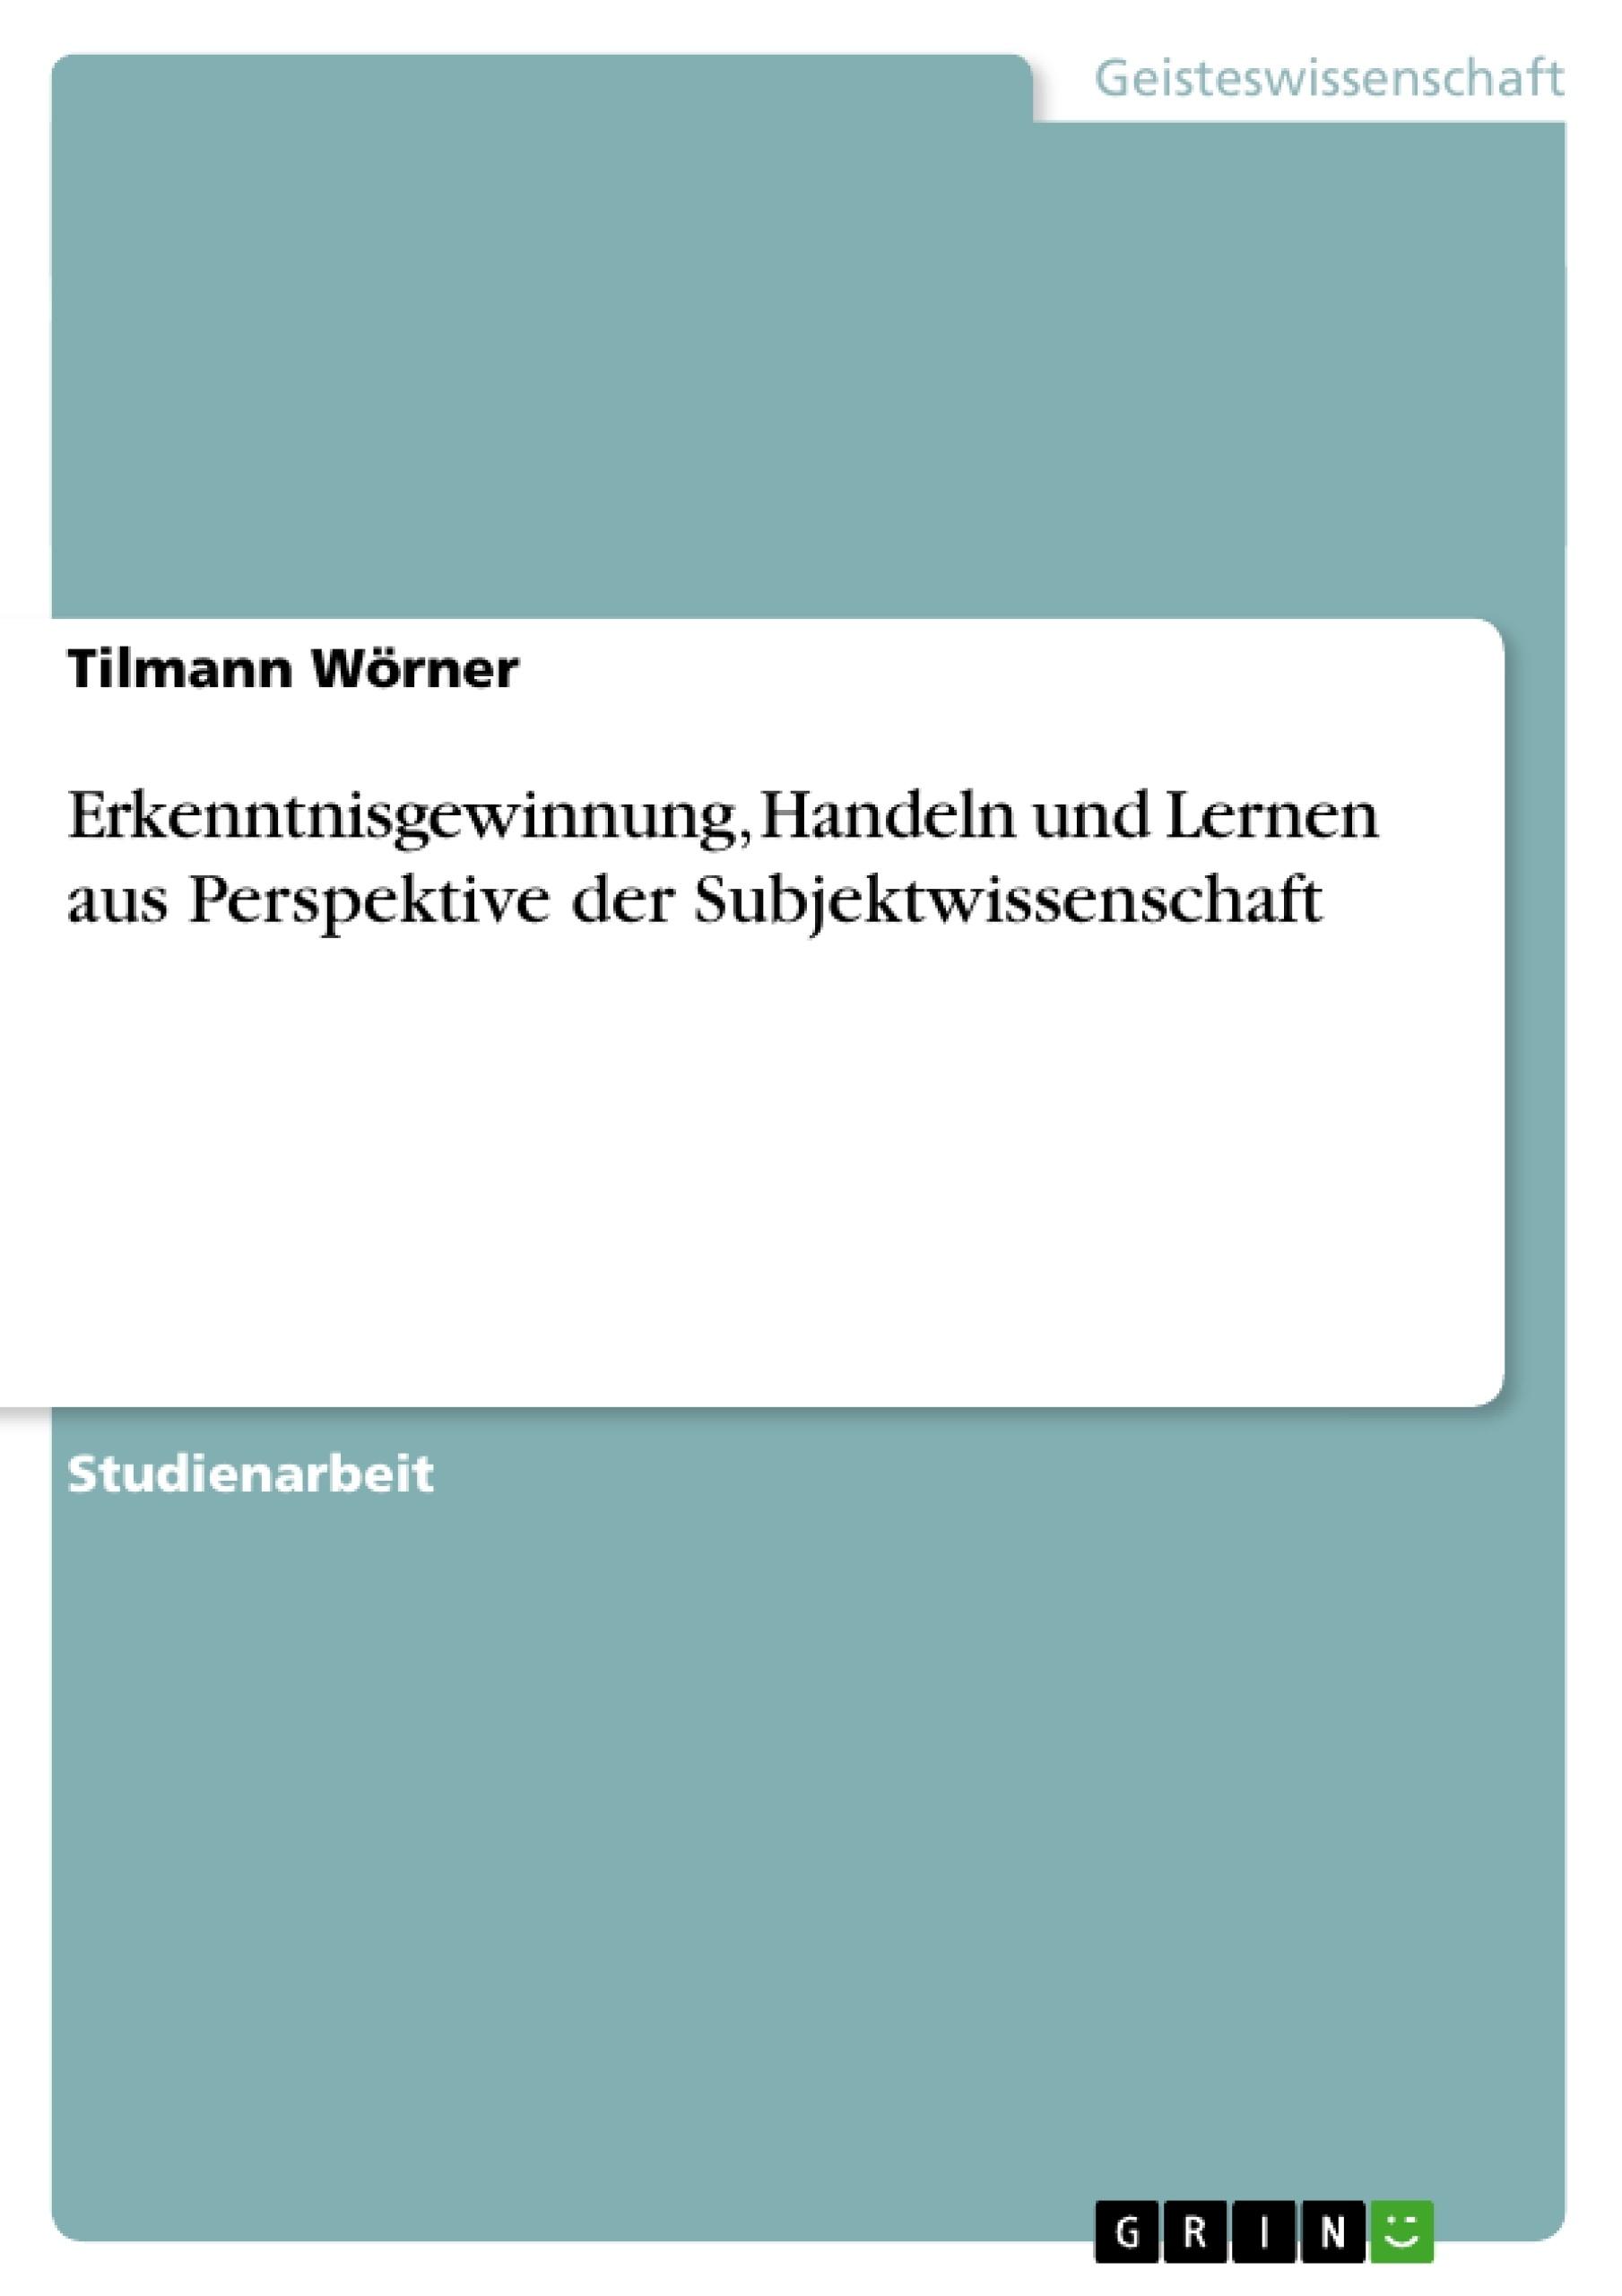 Titel: Erkenntnisgewinnung, Handeln und Lernen aus Perspektive der Subjektwissenschaft